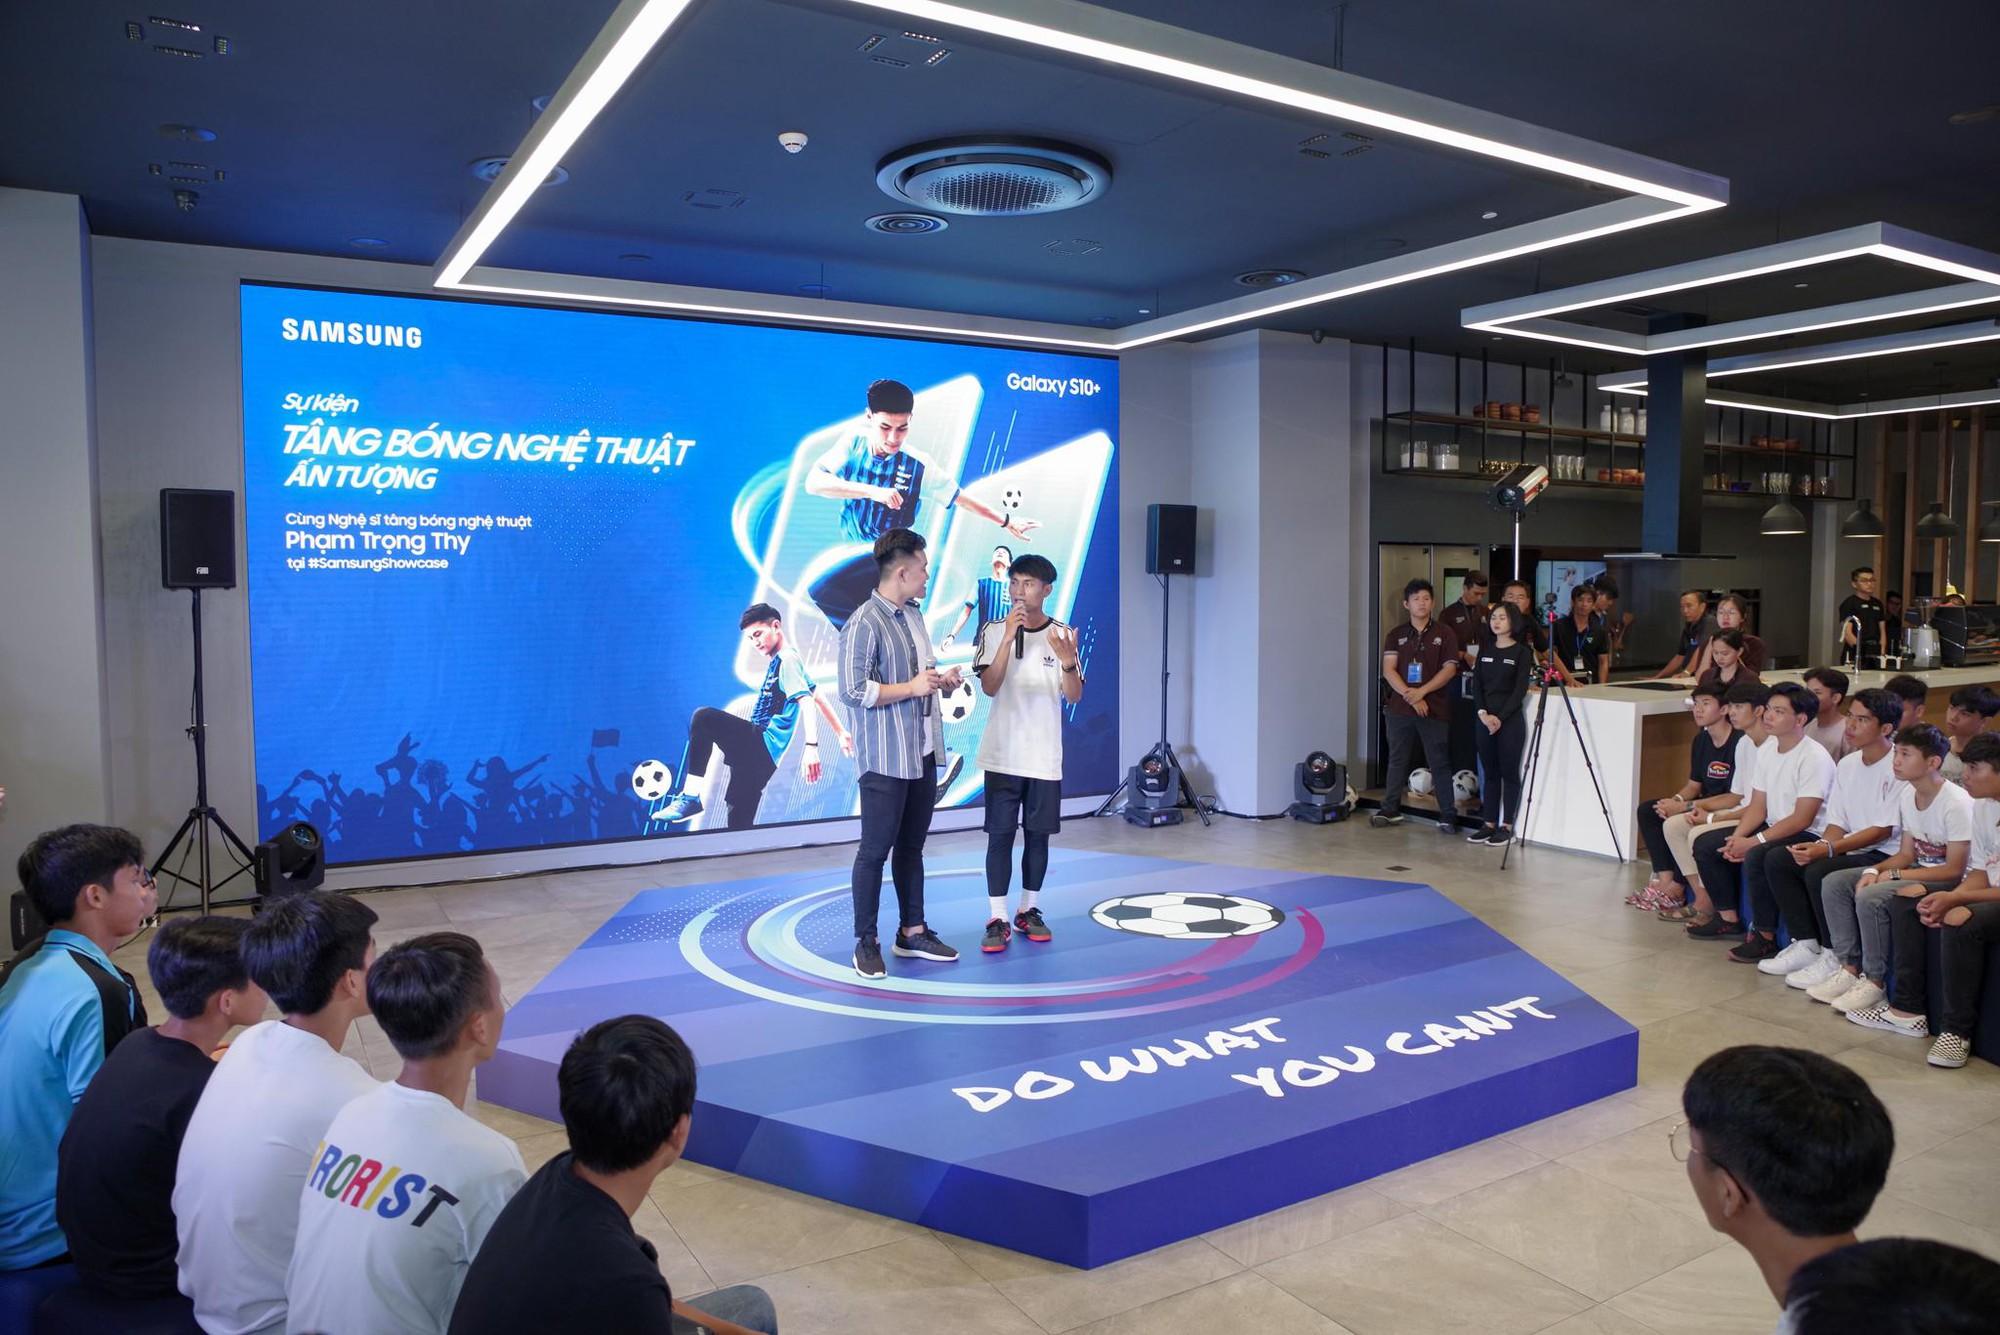 """""""Phù thủy tâng bóng"""" Phạm Trọng Thy khuấy đảo Samsung Showcase - Ảnh 3."""